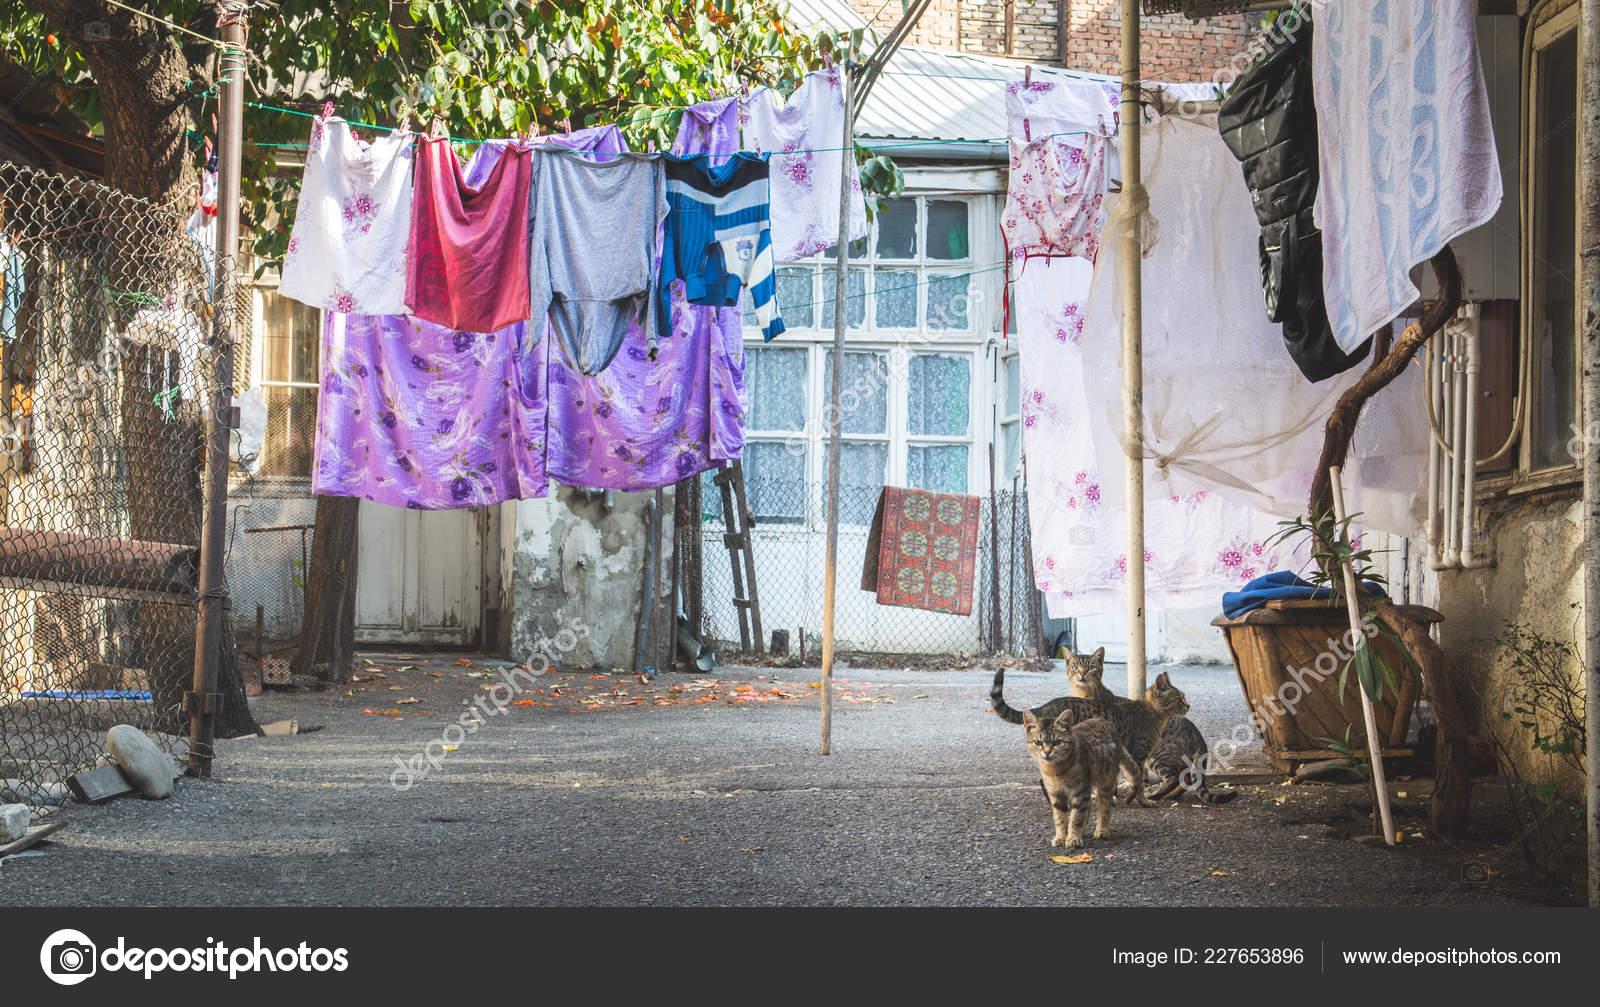 Katzen Sitzen Auf Dem Boden Im Garten Mit Bunten Wäscheständer An